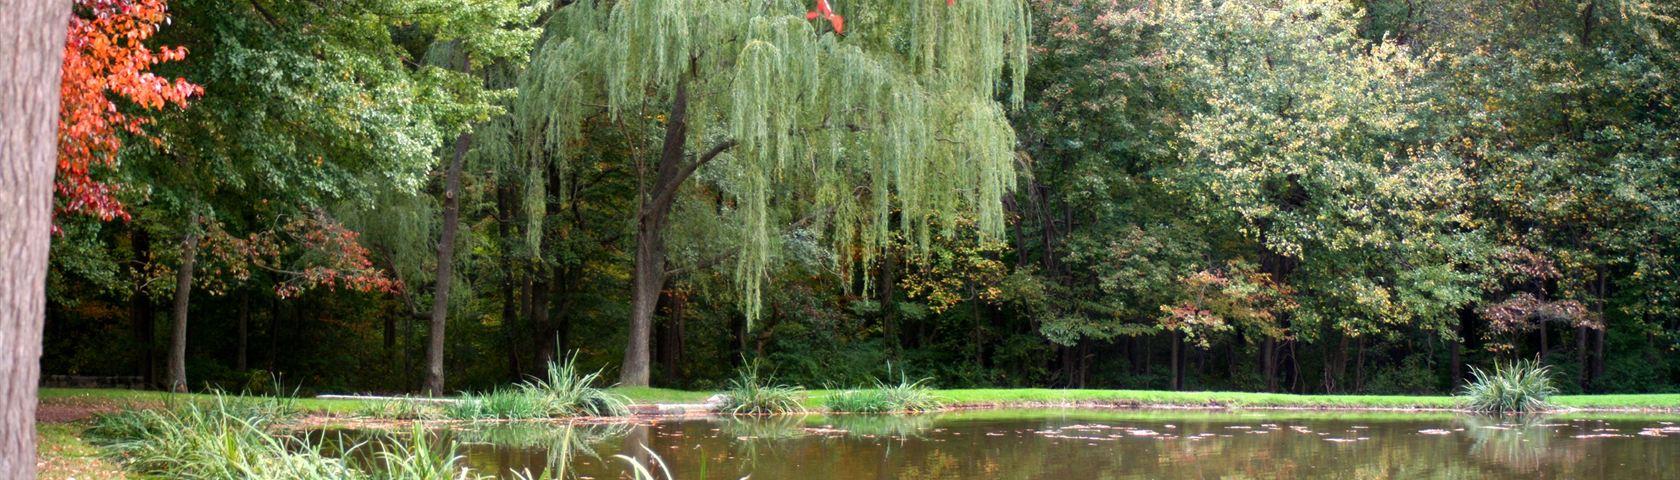 Princeton Pond